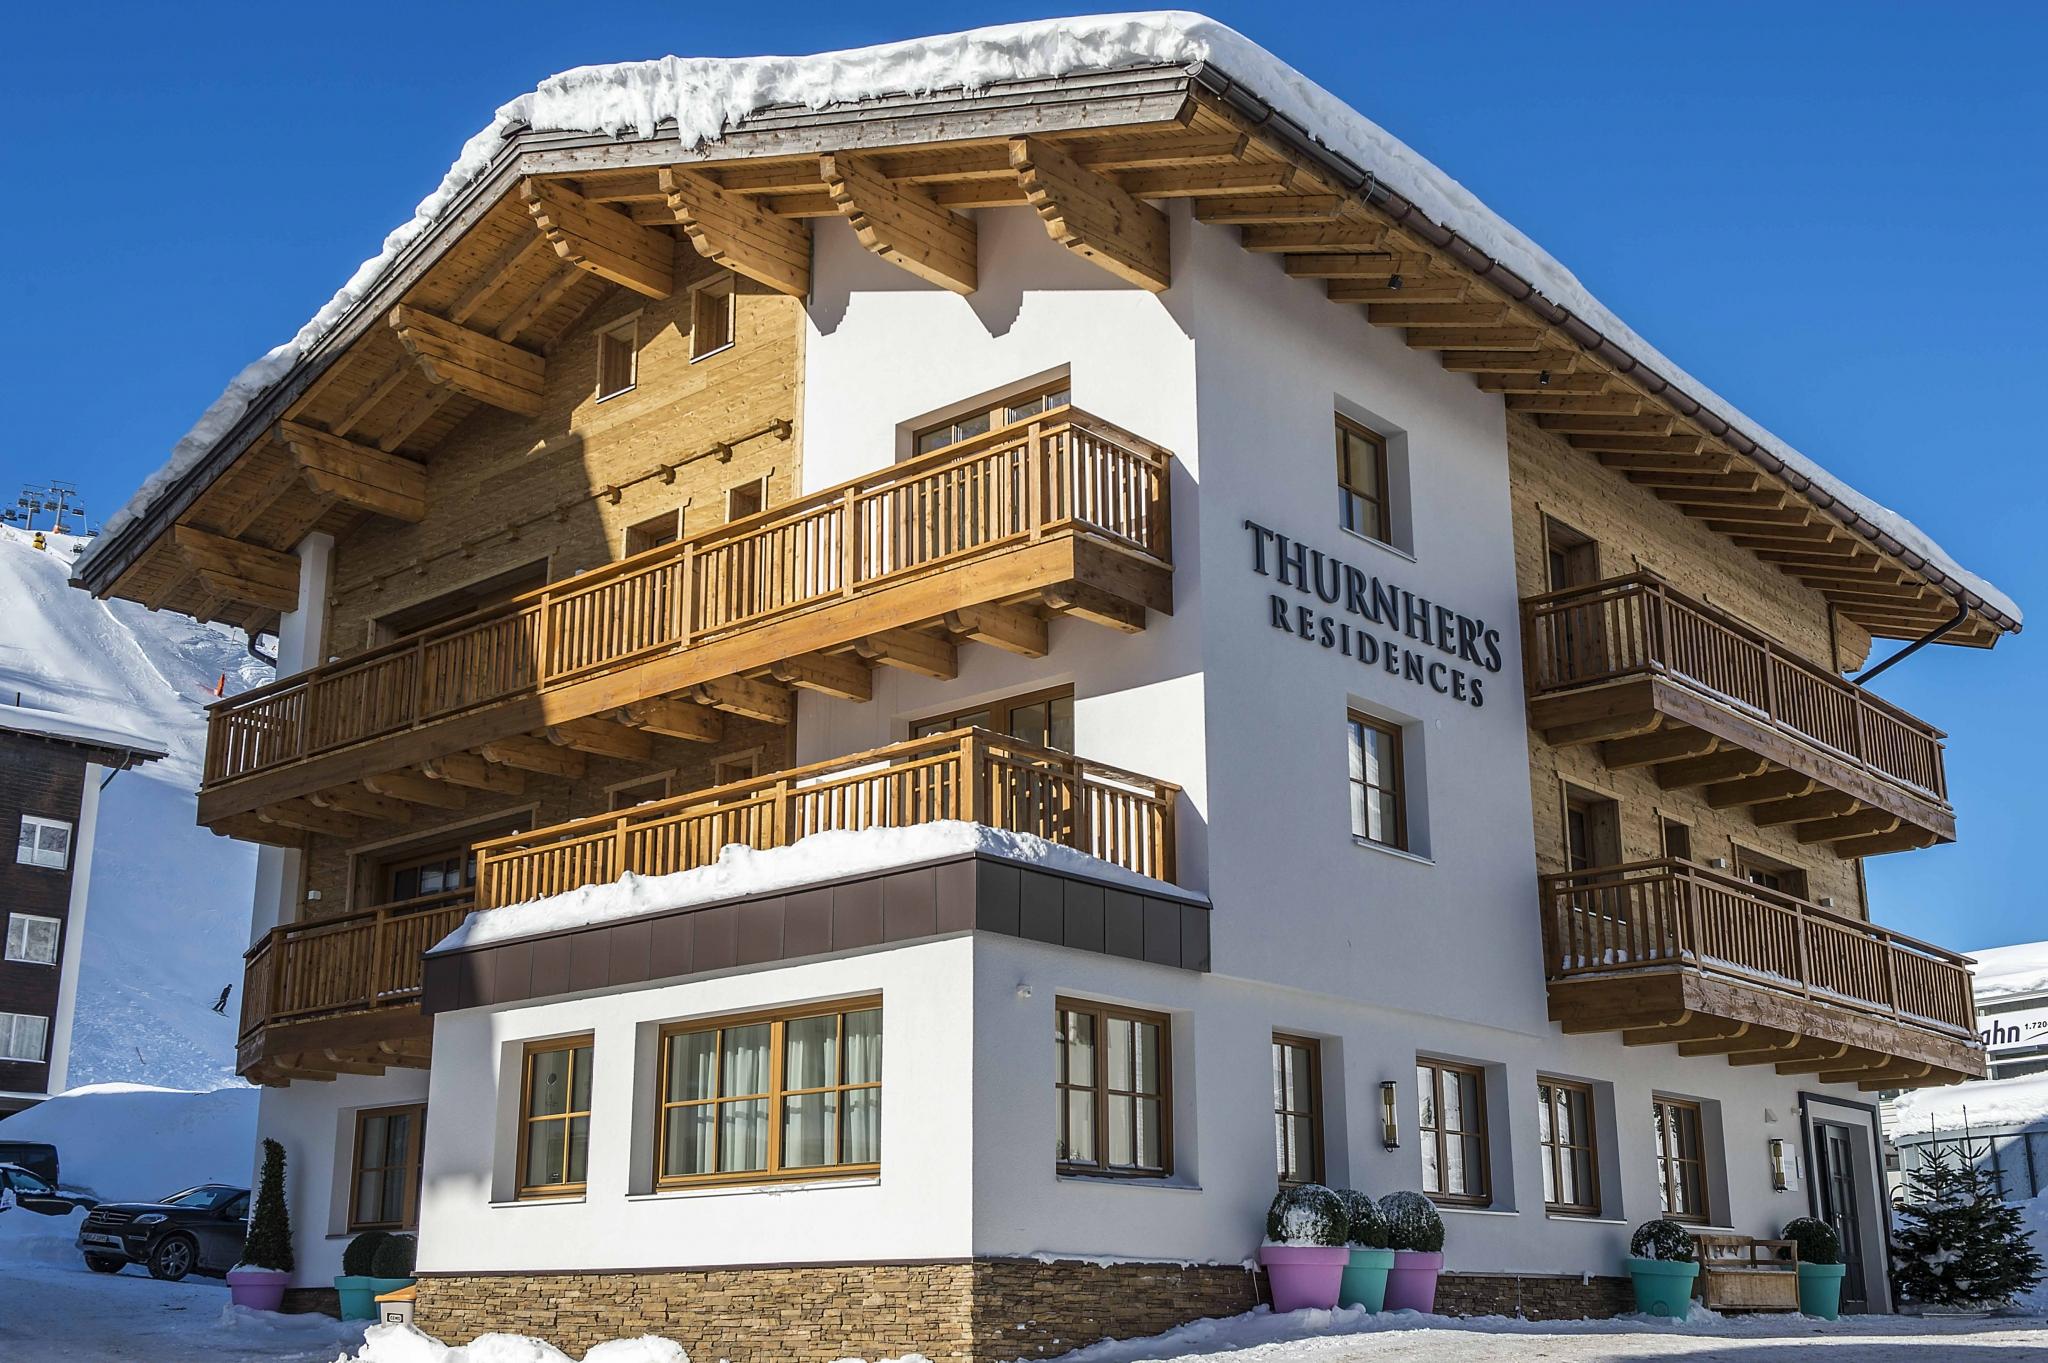 Thurnhers Residences Außen